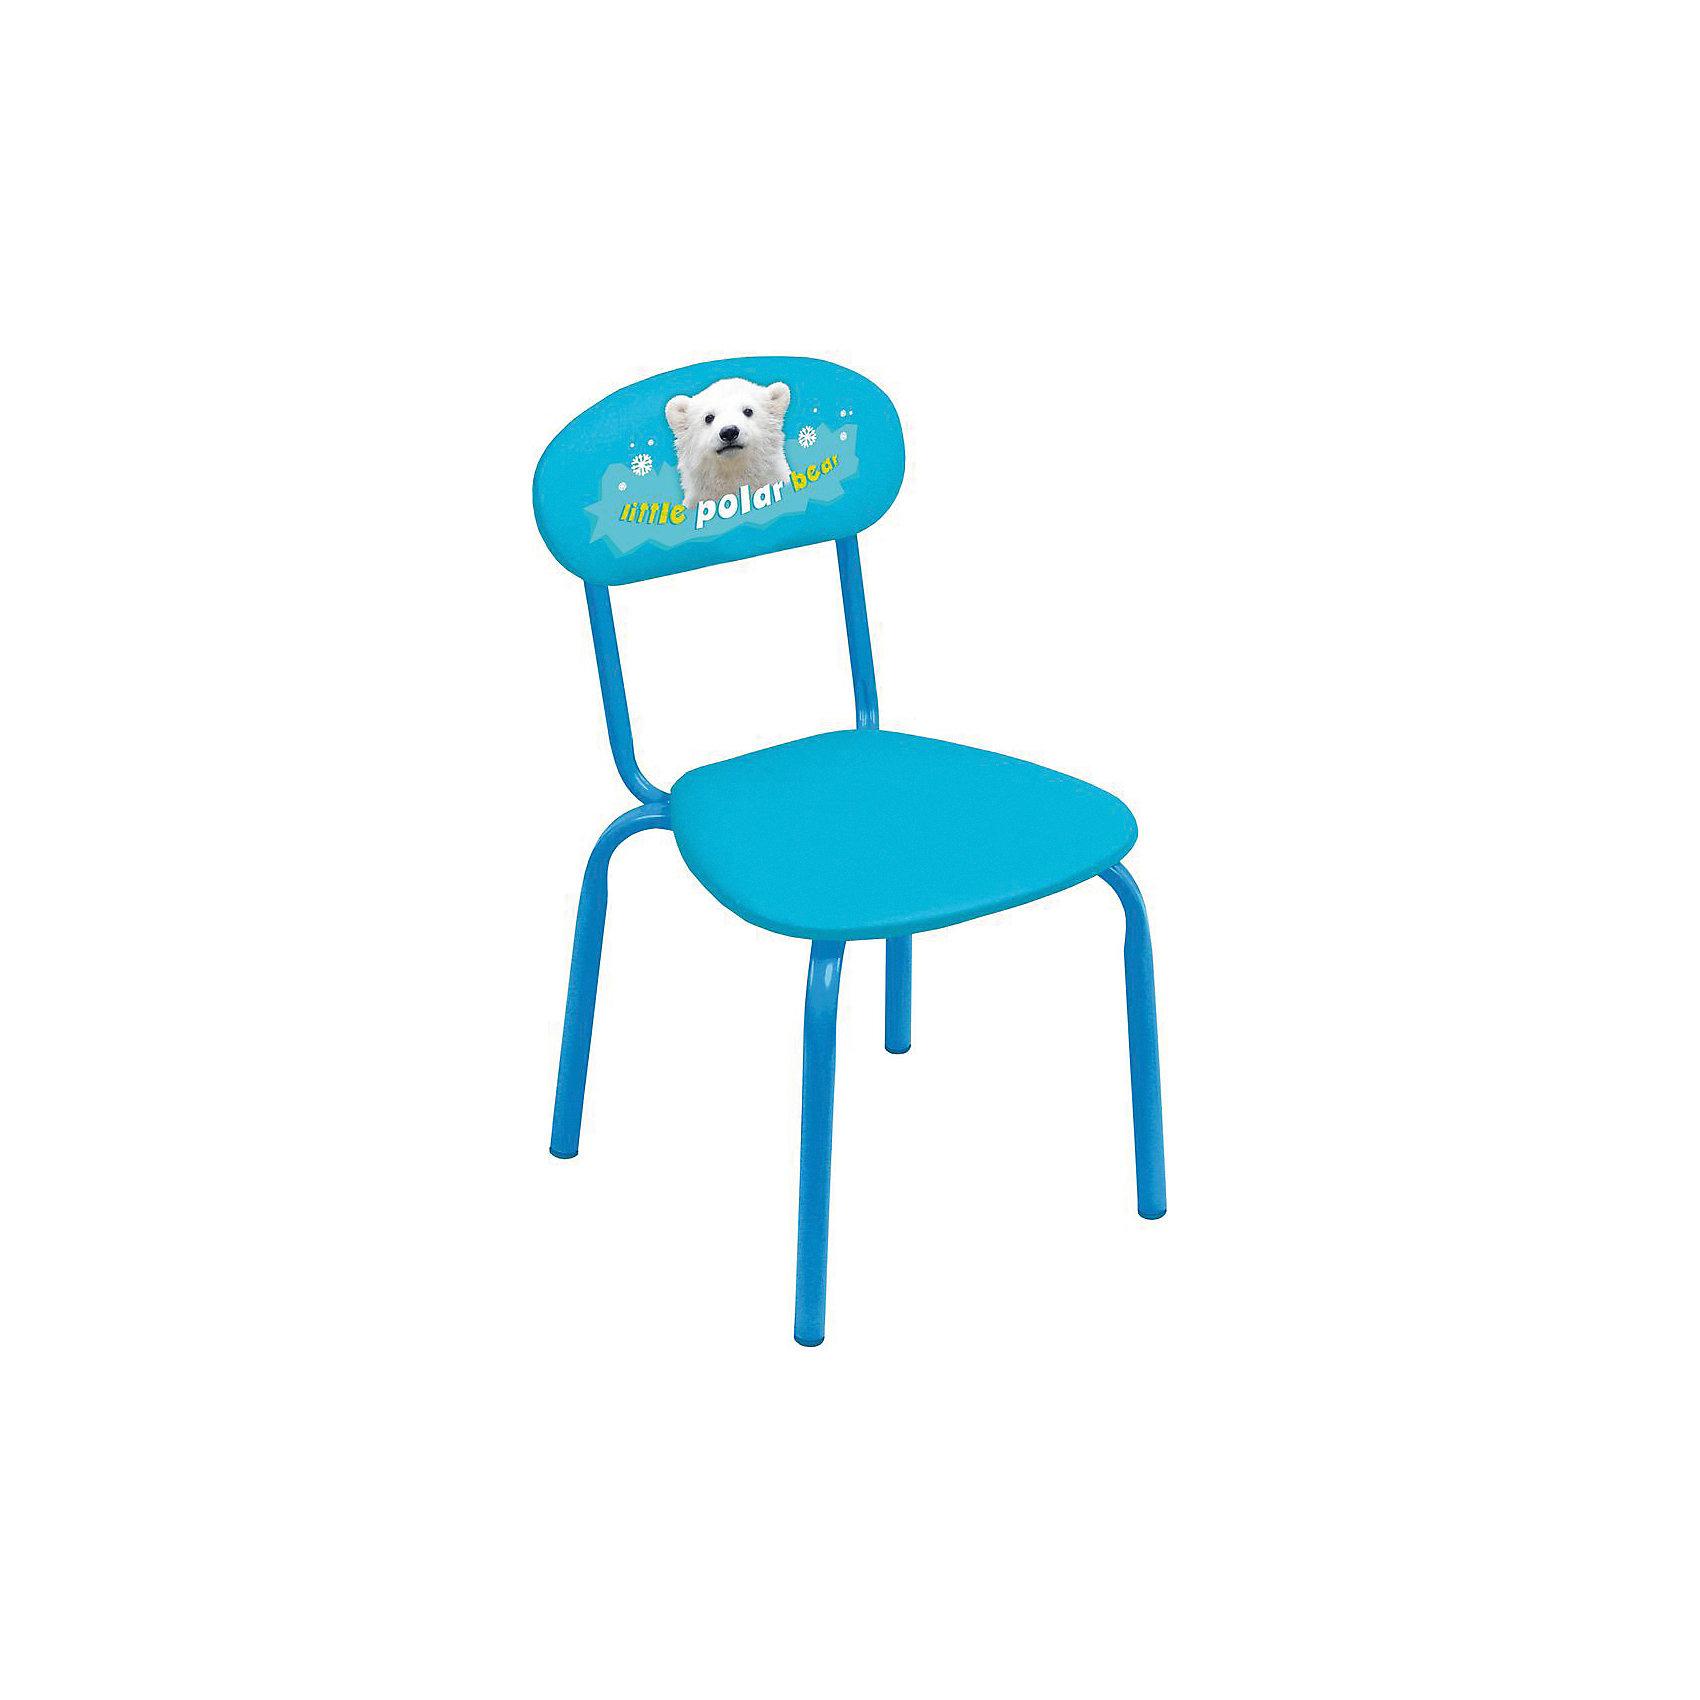 Стул СТУ5 . Белый мишка, Ника, бирюзовыйМебель<br>Характеристики товара:<br><br>• цвет: бирюзовый <br>• материал: металл окрашенный, фанера, поролон, пластмасса, ткань (замша) или винилискожа<br>• мягкое сиденье и спинка<br>• яркая расцветка<br>• устойчивый<br>• на спинке рисунок<br>• возраст: от 1,5 до 3 лет<br>• страна бренда: Российская Федерация<br>• страна производства: Российская Федерация<br><br>Детская мебель может быть удобной и эргономичной! Этот стул разработан специально для детей от полутора до трех лет. Он устойчивый, занимает немного места. Сиденье обито мягким материалом, а на спинке стула - яркий рисунок, который понравится малышам. Отличное решение для игр, творчества и развивающих занятий!<br>Правильно подобранная мебель помогает ребенку расти здоровым, формироваться правильной осанке. Изделие производится из качественных сертифицированных материалов, безопасных даже для самых маленьких.<br><br>Стул Белый мишка, Ника, бирюзовый от бренда Ника можно купить в нашем интернет-магазине.<br><br>Ширина мм: 350<br>Глубина мм: 545<br>Высота мм: 320<br>Вес г: 1900<br>Возраст от месяцев: 180<br>Возраст до месяцев: 36<br>Пол: Унисекс<br>Возраст: Детский<br>SKU: 5223598